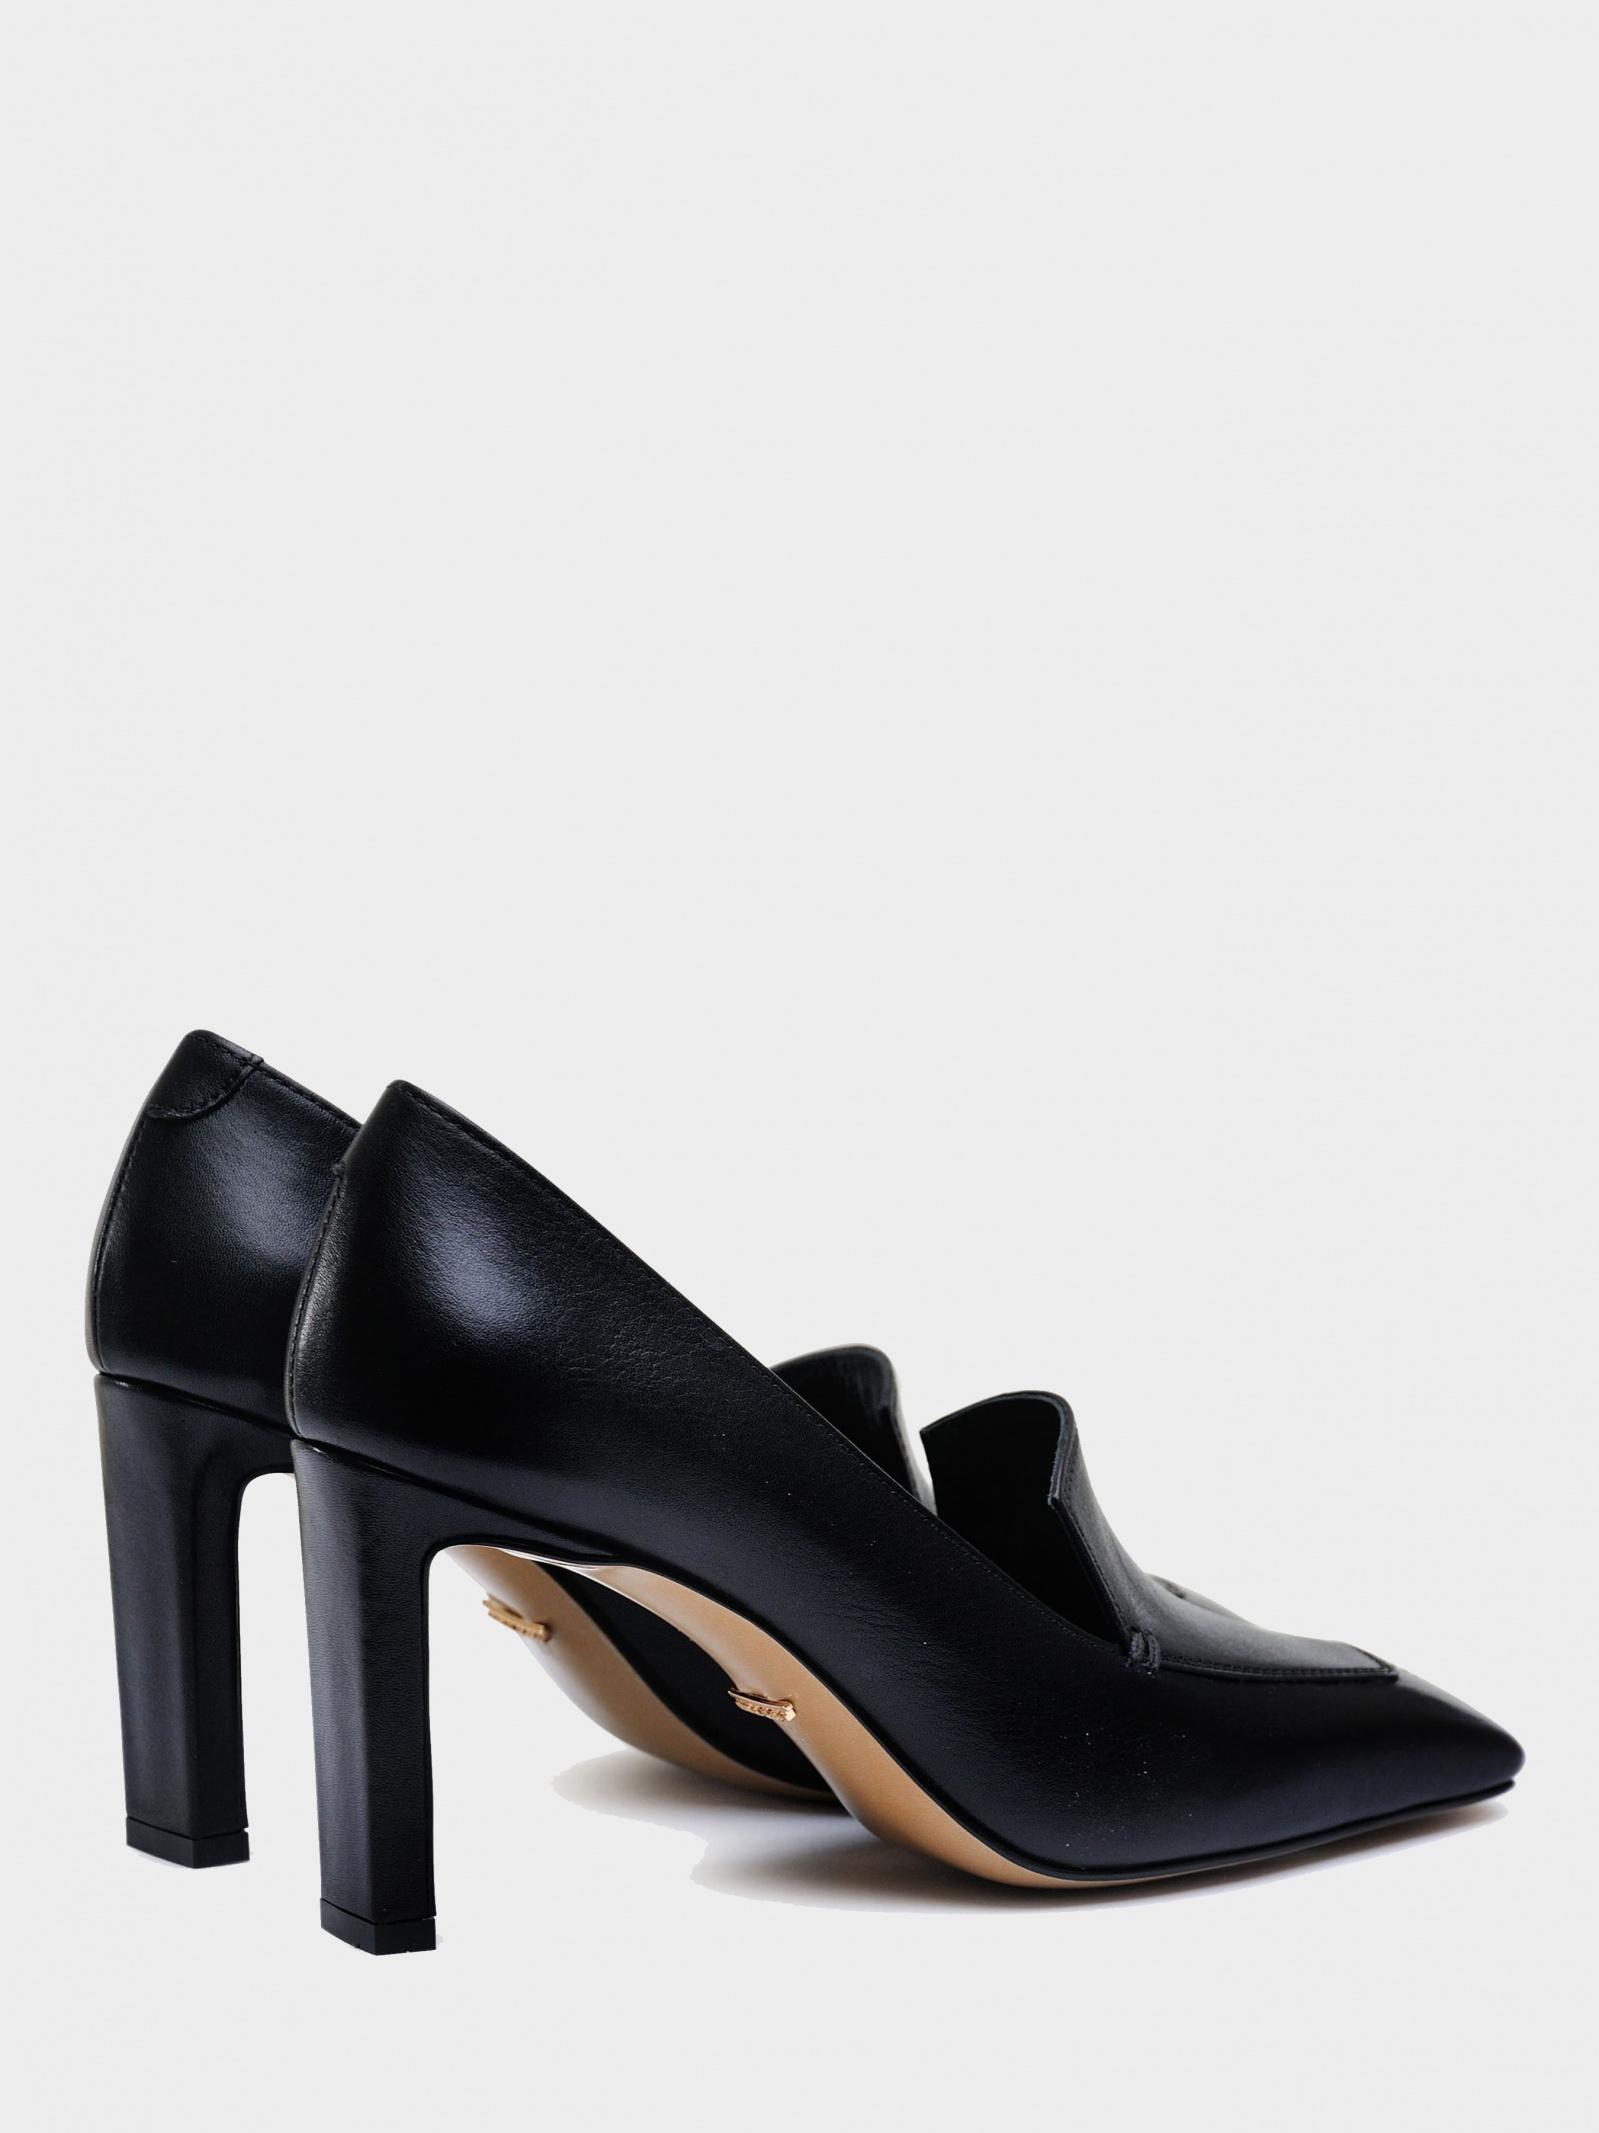 Туфлі  для жінок Modus Vivendi 066001 модне взуття, 2017